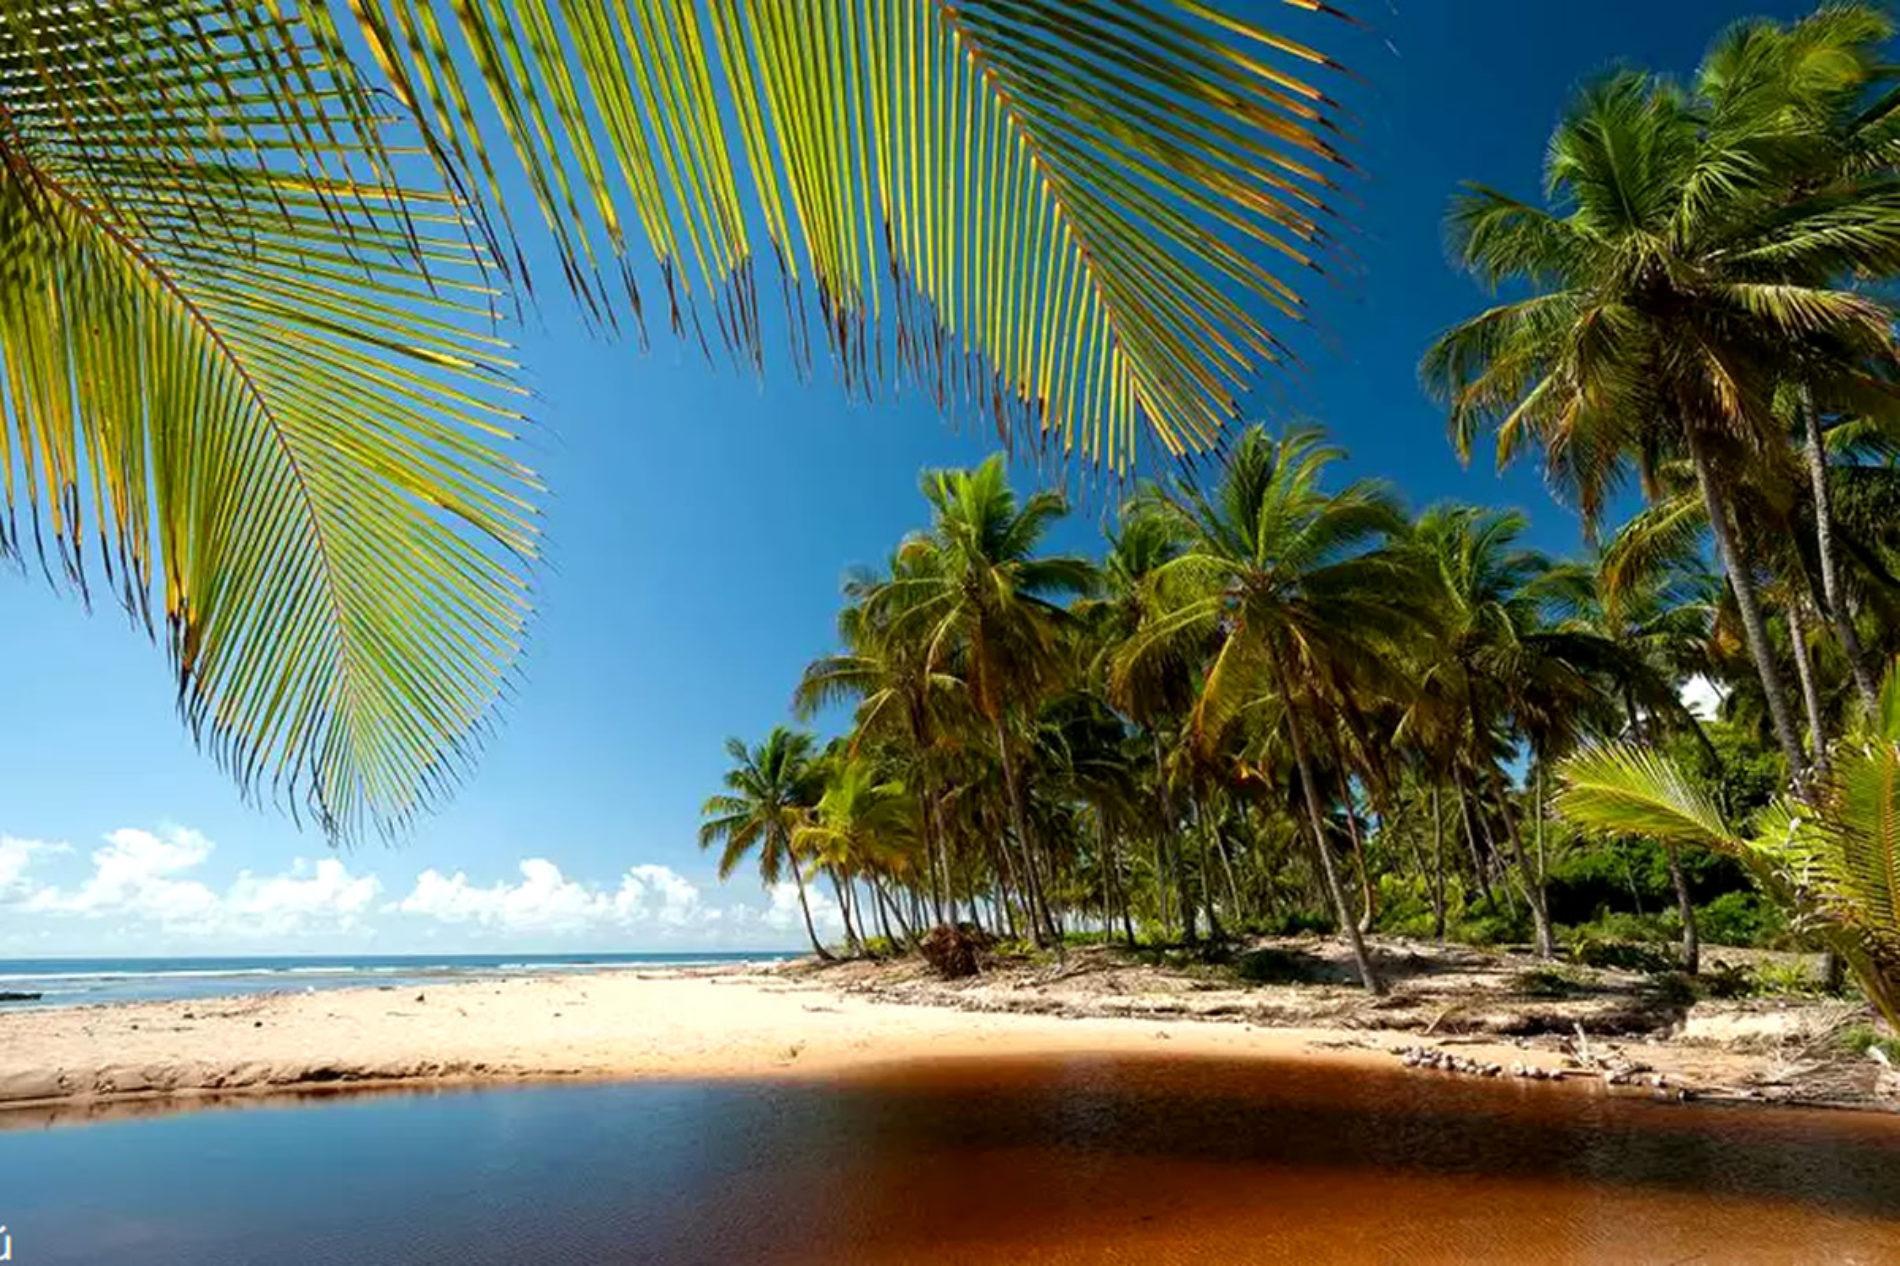 Pacotes 2021 para principais destinos da Bahia